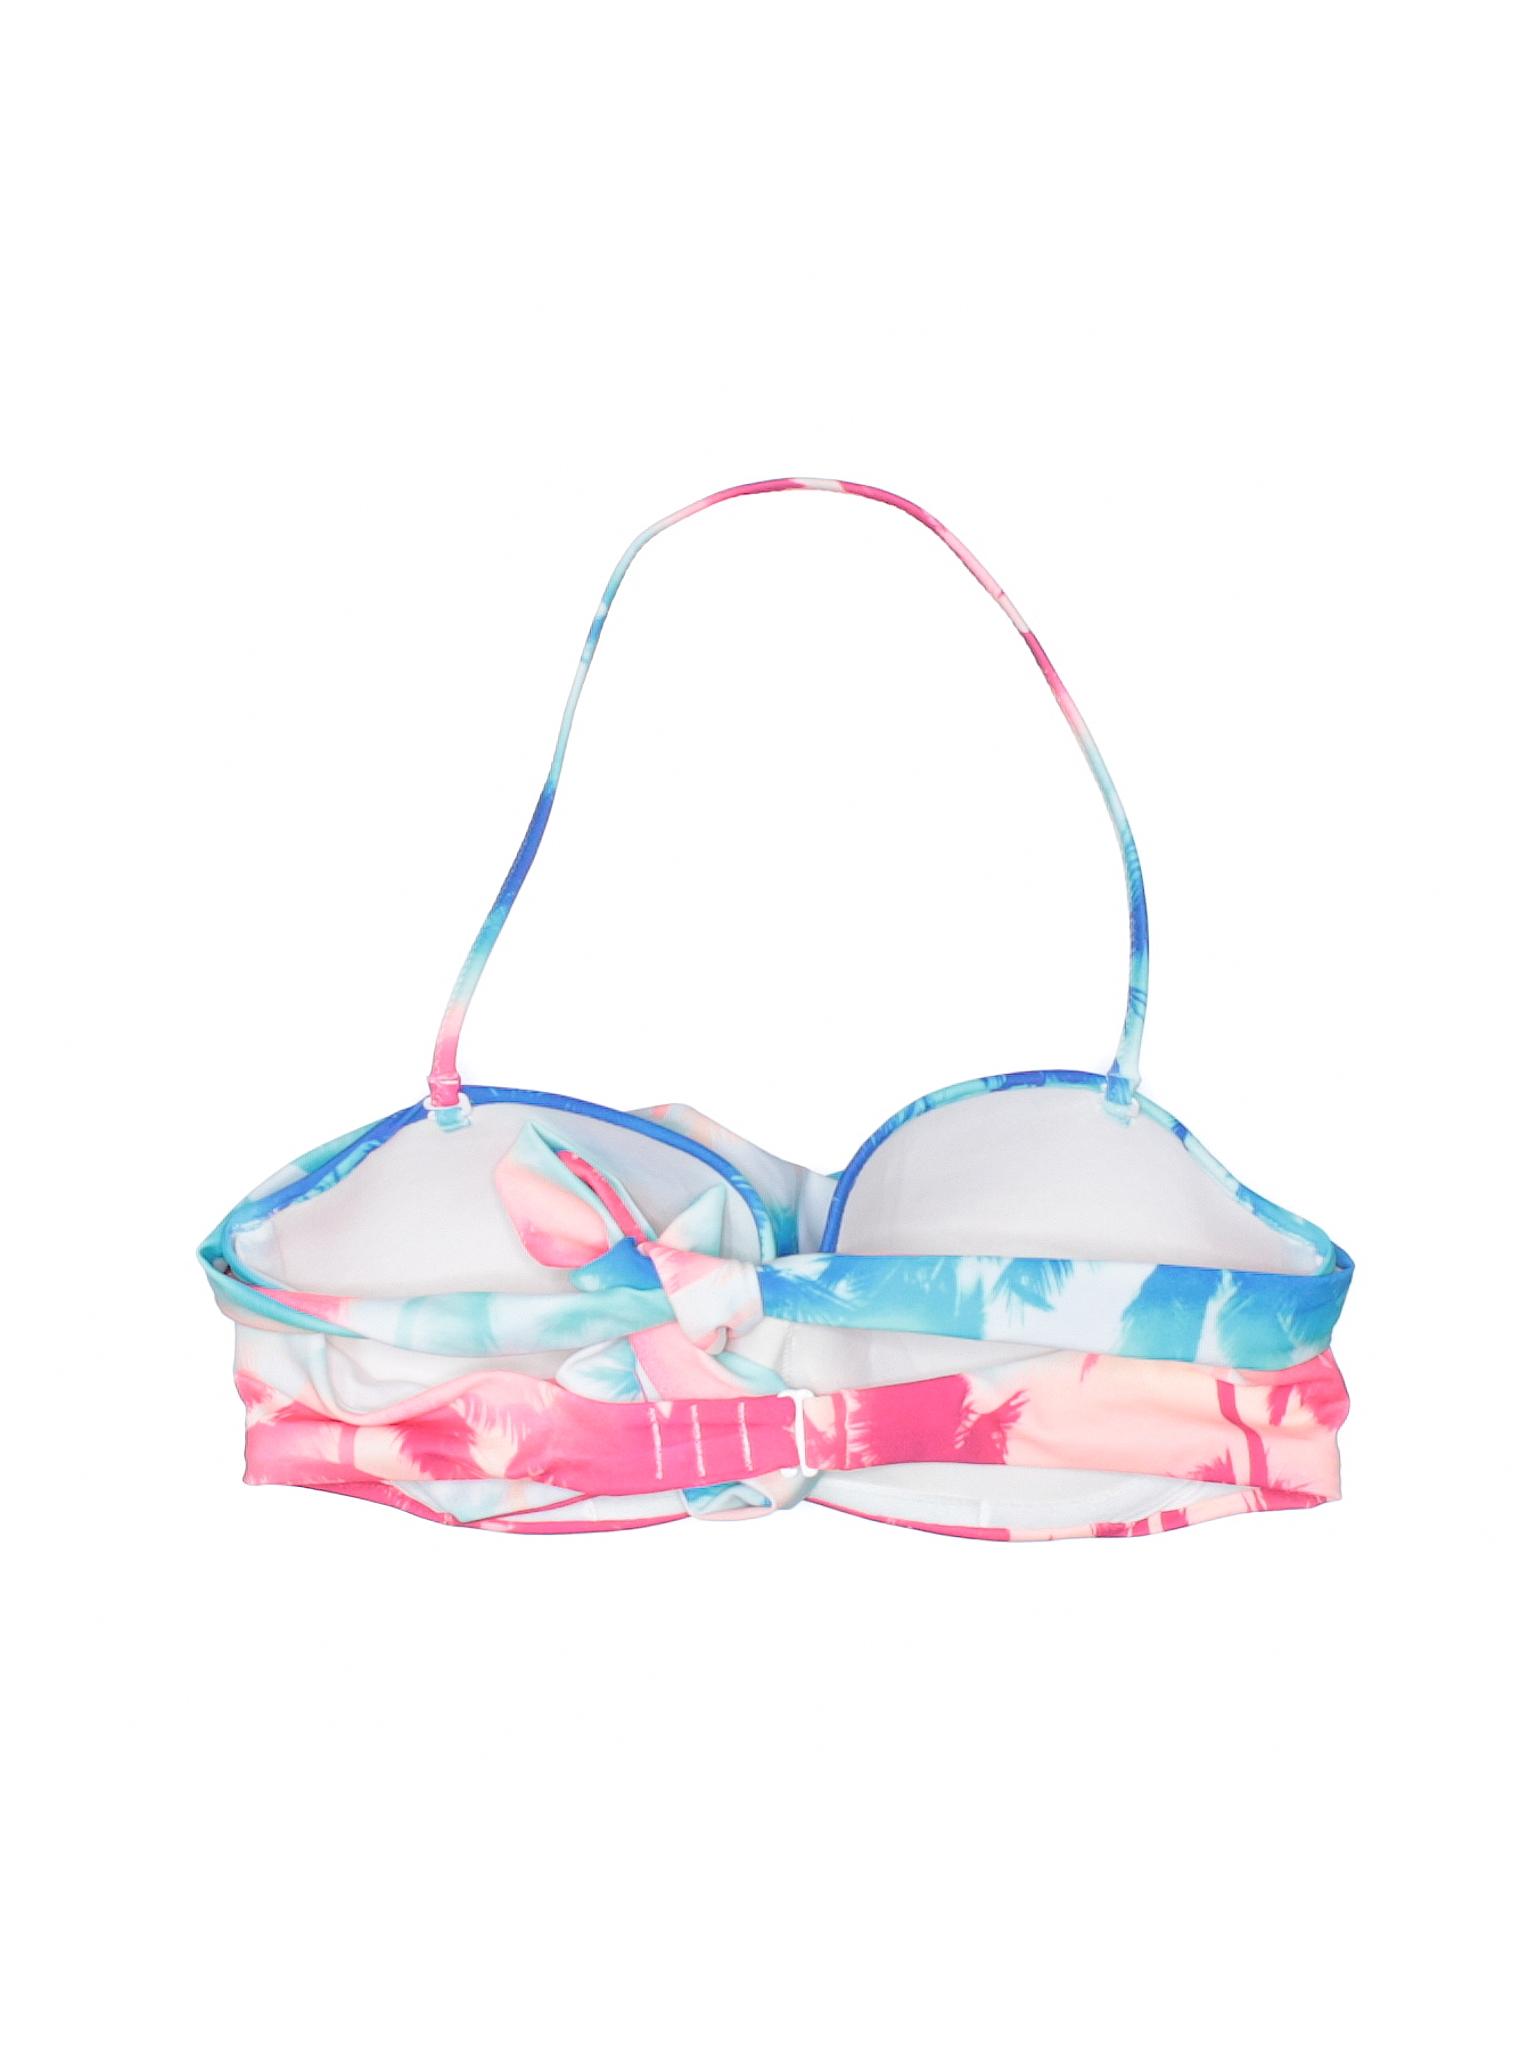 Secret Pink Top Victoria's Boutique Swimsuit TpqwUCn0Hx